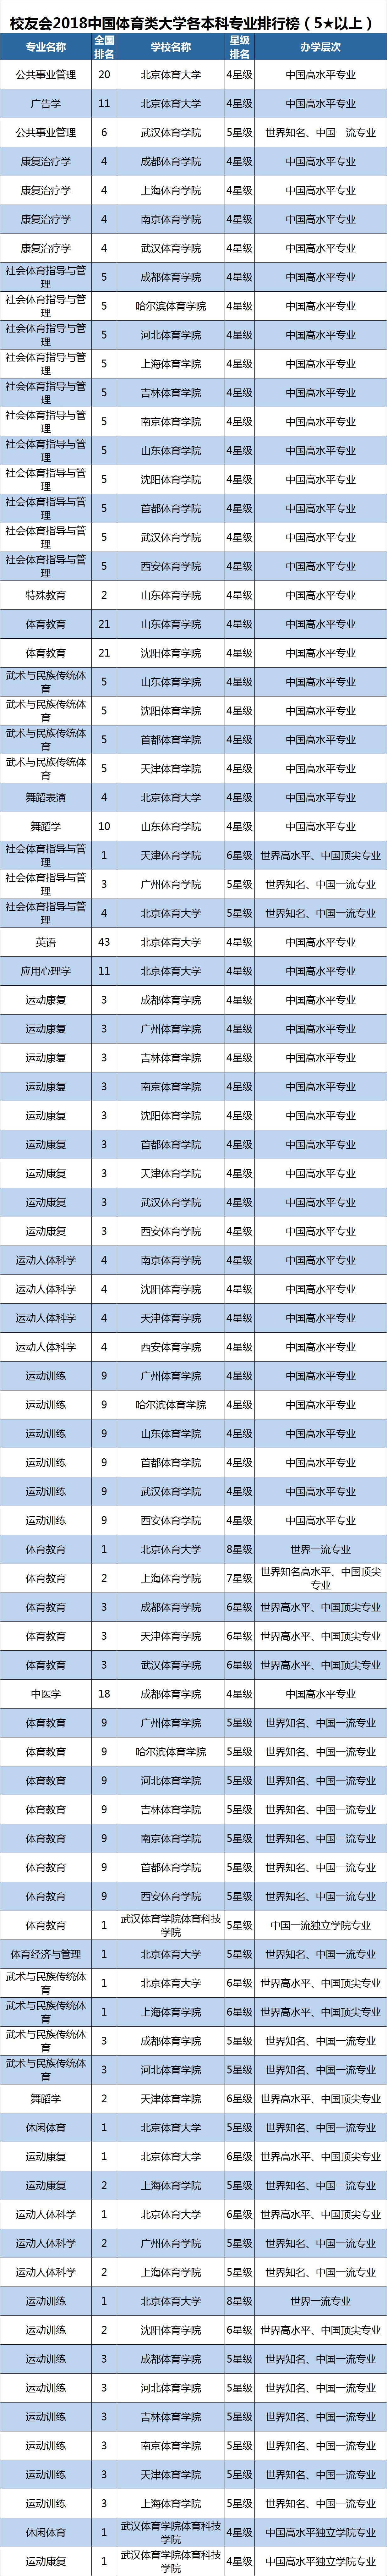 2018中国体育类大学一流专业排行榜,北京体育大学雄居第一